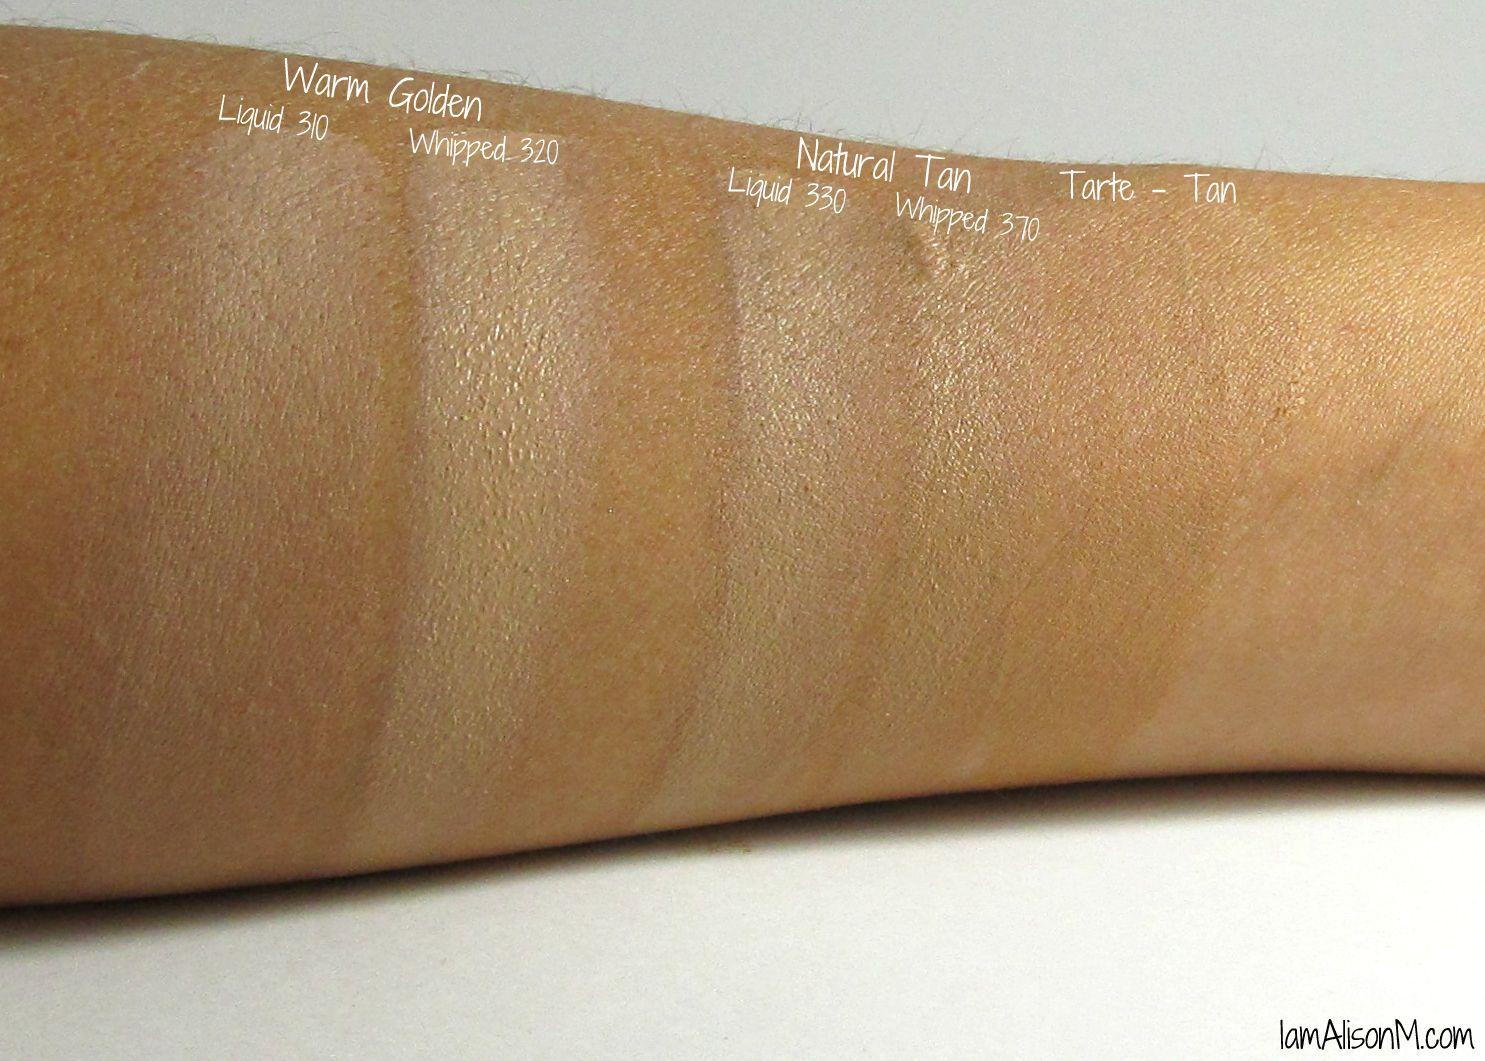 Revlon ColorStay Whipped Crème Makeup Revlon colorstay